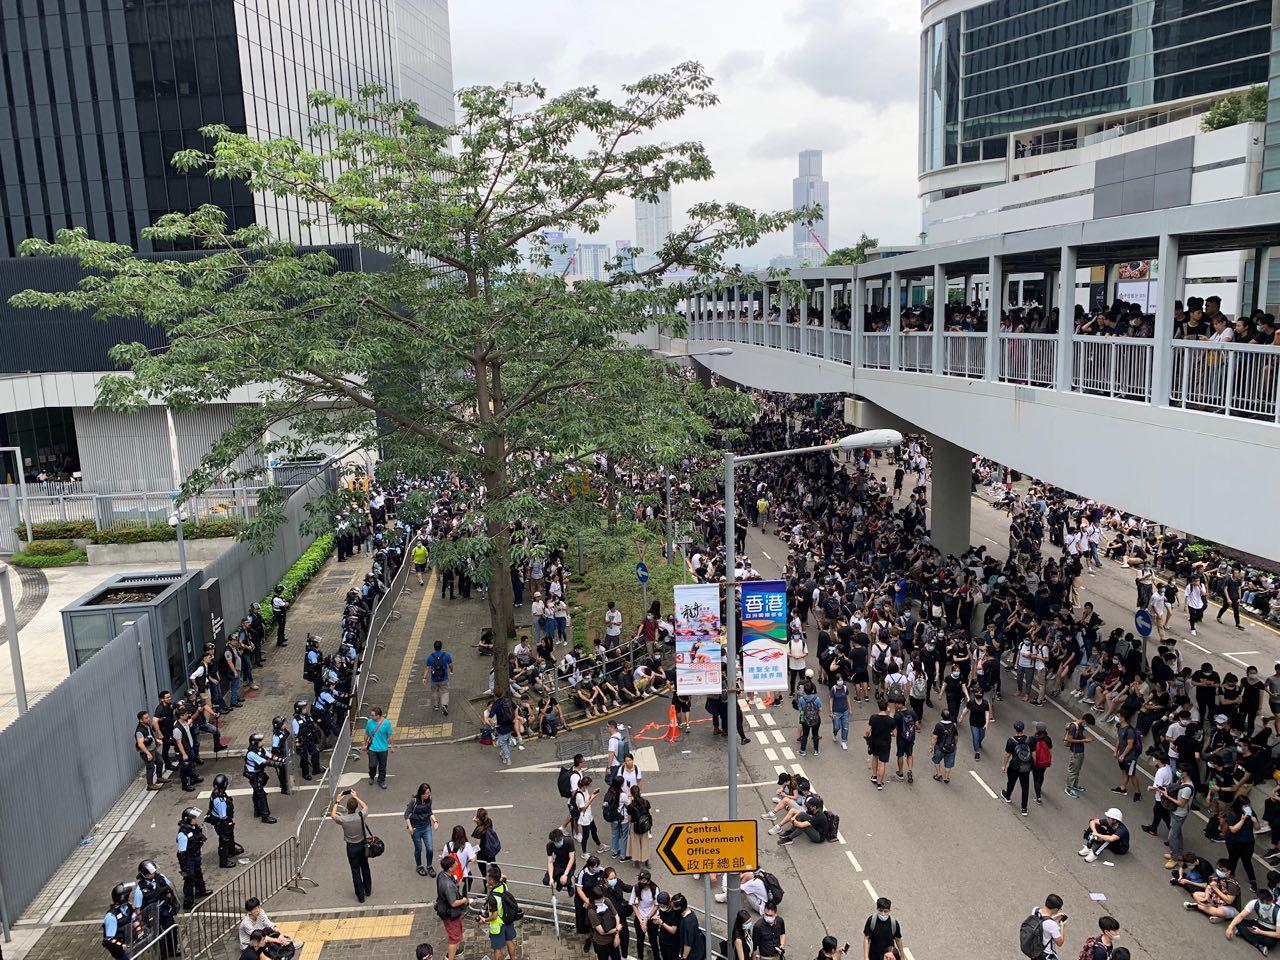 大批反對修例的示威者聚集在立法會外,佔據龍和道及夏慤道等。(李逸/大紀元)